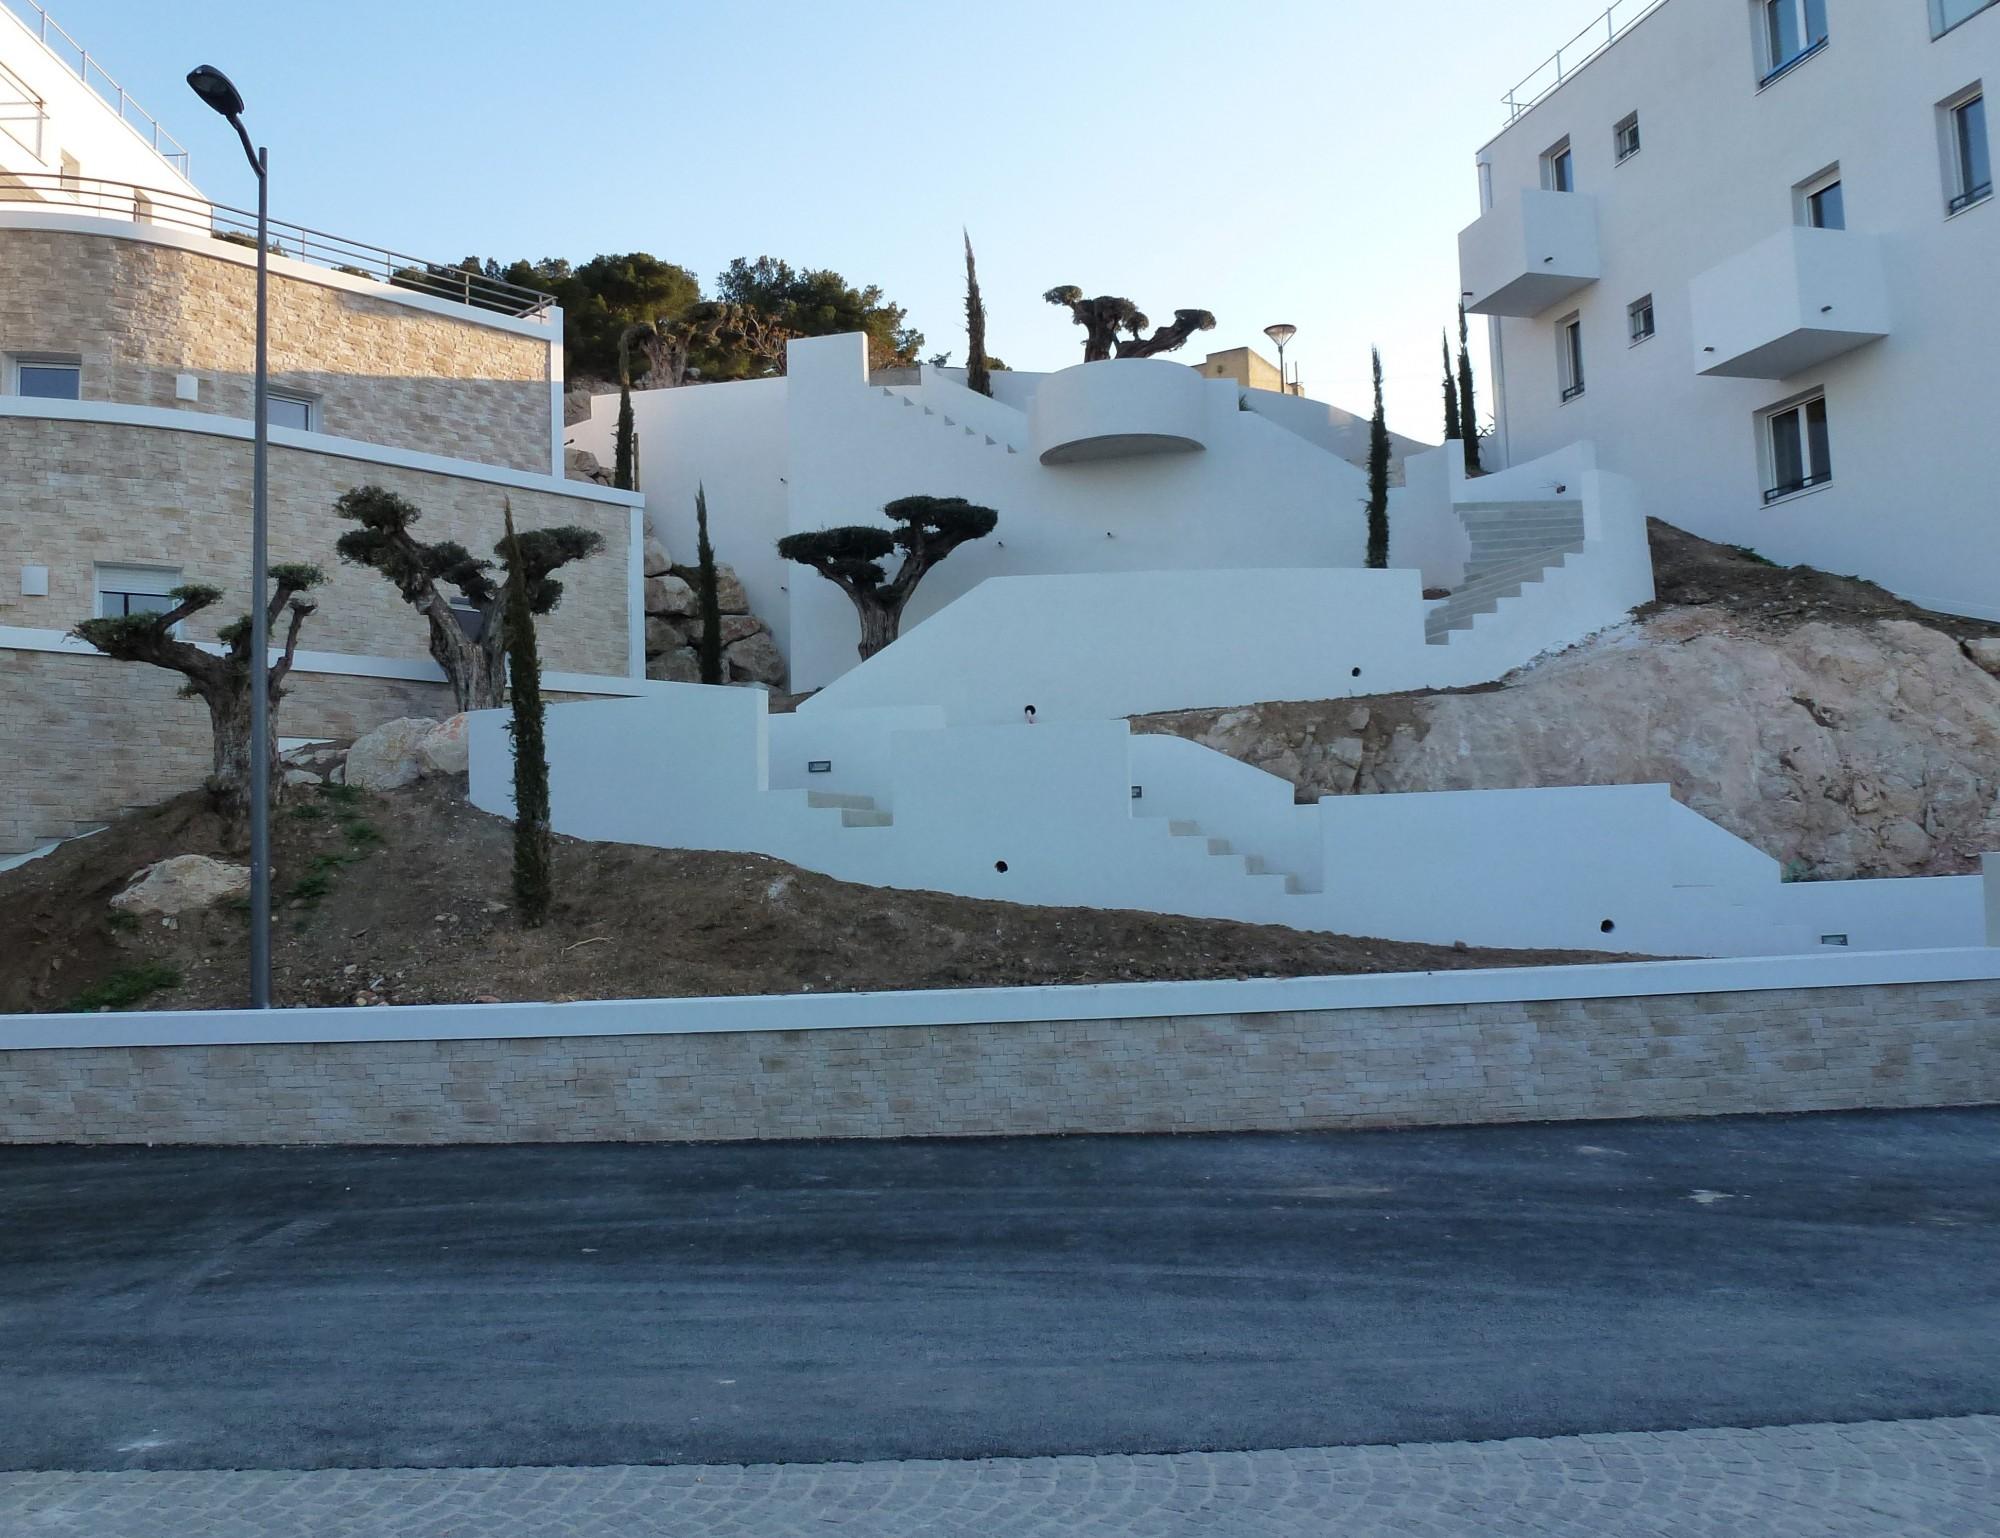 Bureau D Étude Béton Marseille escaliers extérieurs en béton en forme de cheminement